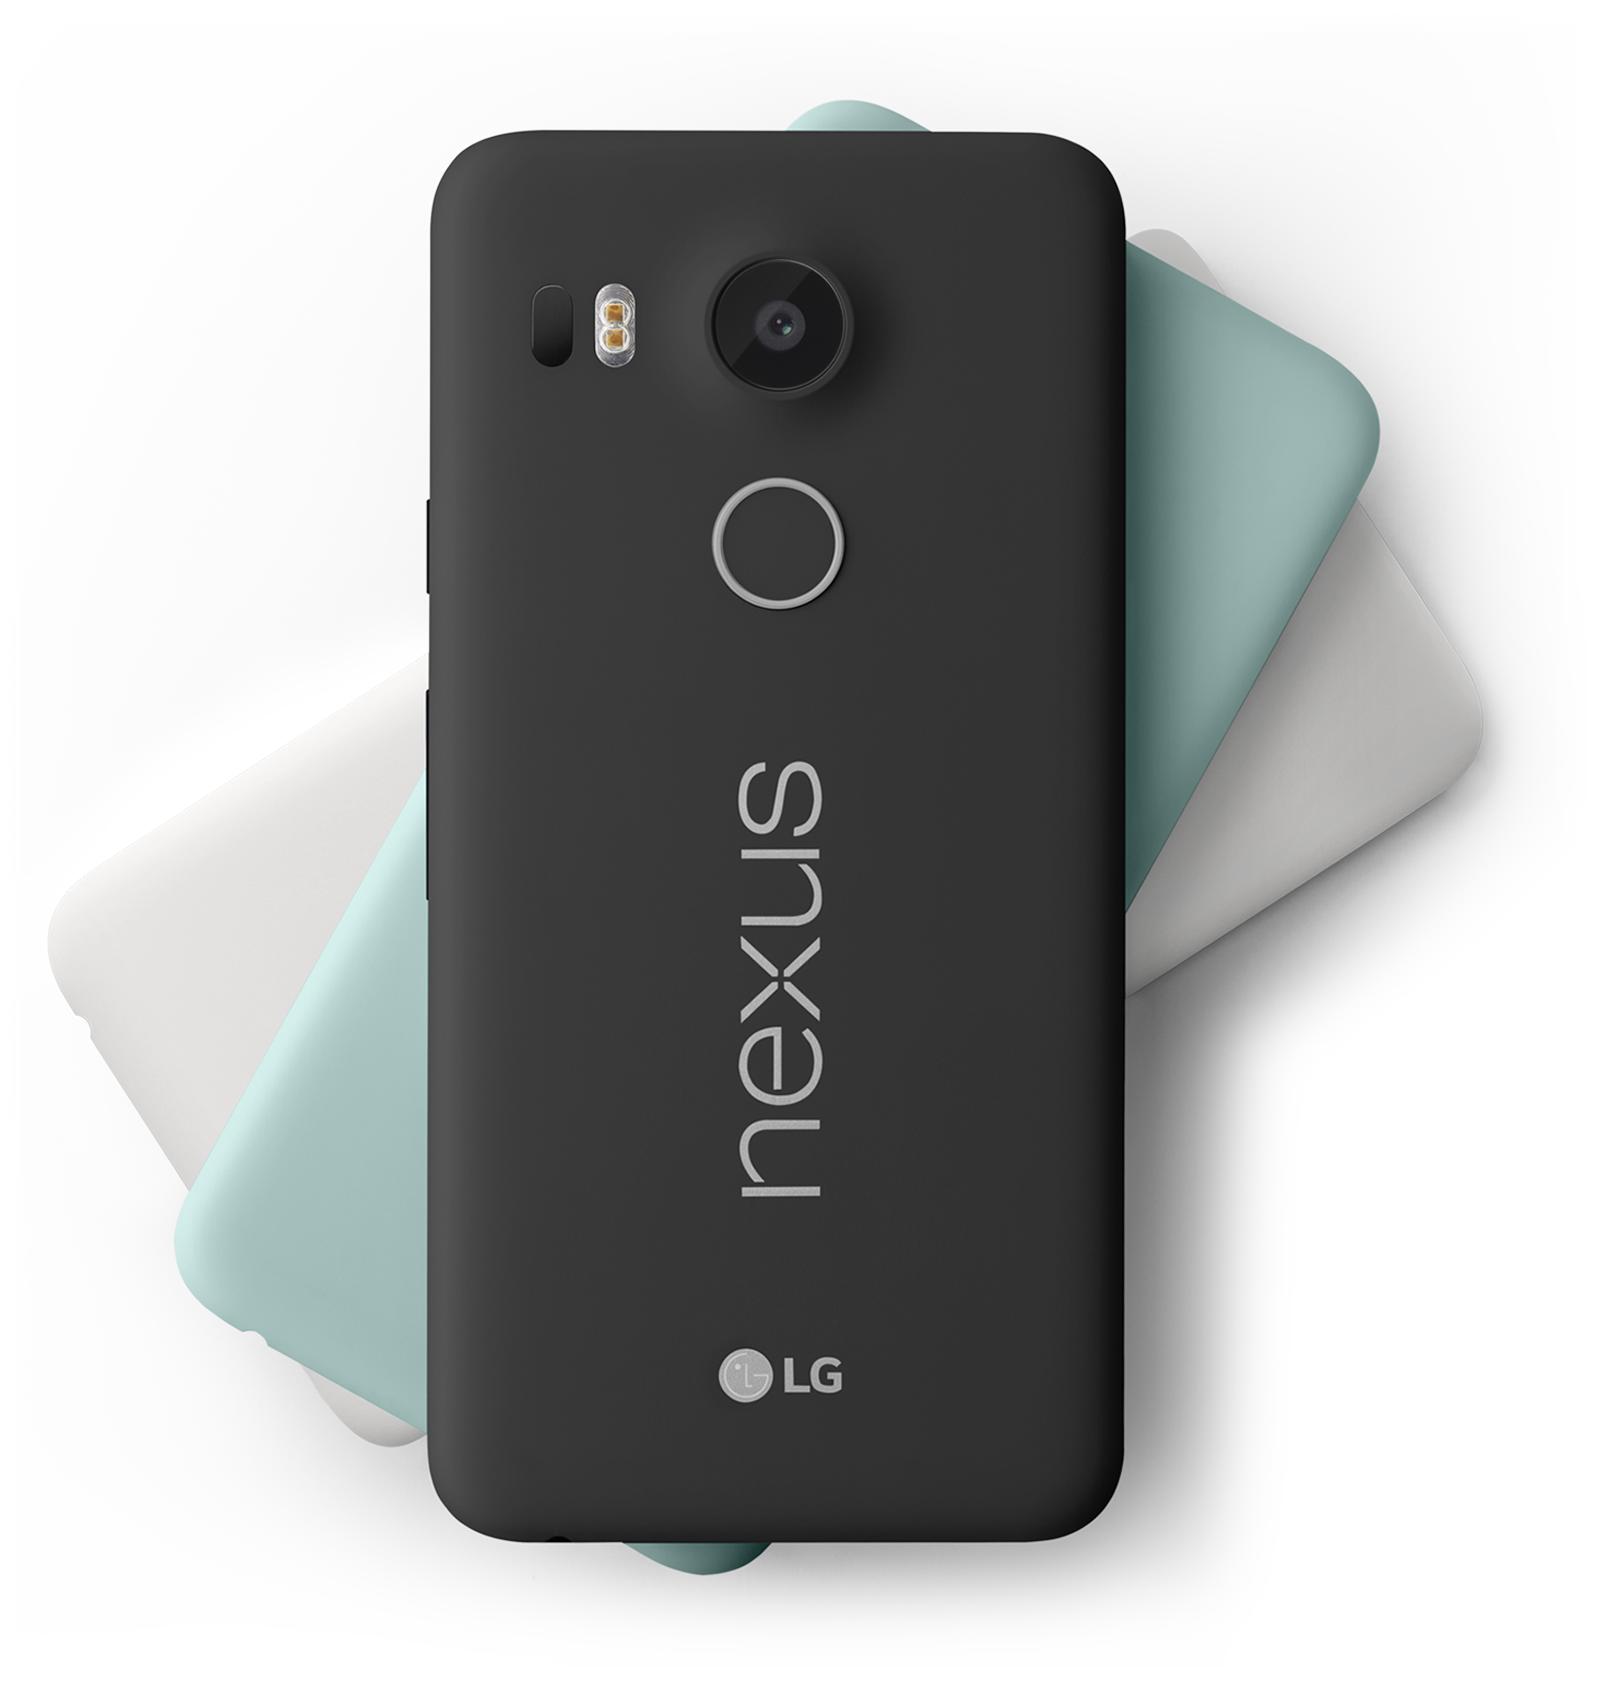 Nexus 5X : début des ventes dans un certain nombre de pays